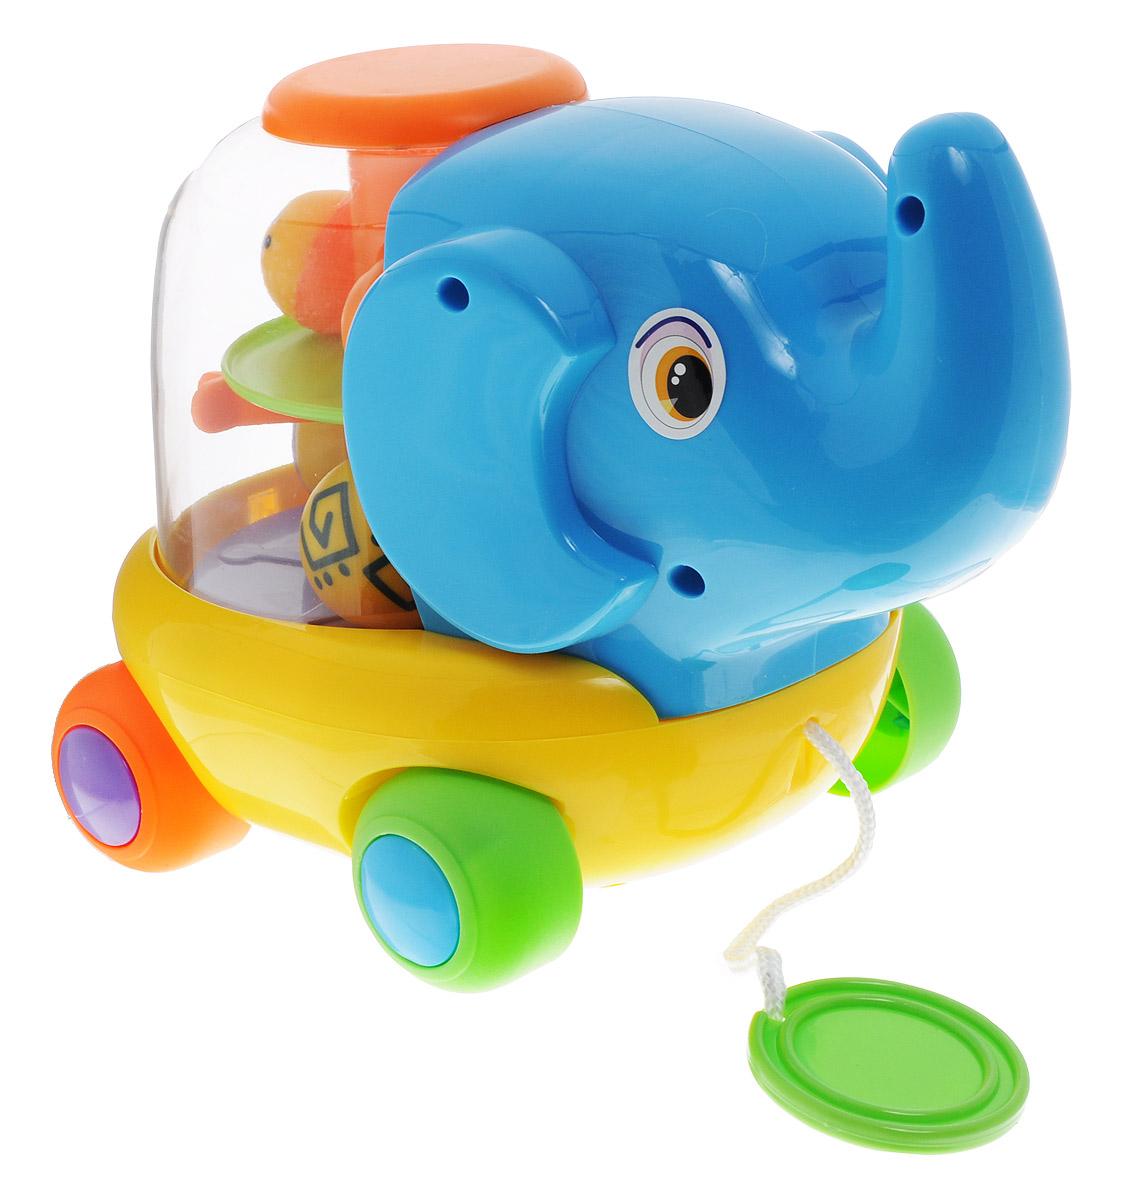 Simba Игрушка-каталка Слоник4018971Красочная игрушка-каталка Слоник понравится любому малышу. Игрушка изготовлена из высококачественного пластика ярких цветов, ее удобно катать маленькой ручкой. Теперь у вашего малыша будет настоящий слон, с длинным хоботом и большими ушами, но не скучный серый, а цветной, яркий, с шариками внутри. Когда малыш катит слоника за веревочку шарики весело крутятся и забавно гремят доставляя малышу массу удовольствия. Благодаря данной игрушке ребенок будет развивать мелкую моторику и цветовое восприятие. Порадуйте своего малыша такой забавной игрушкой!